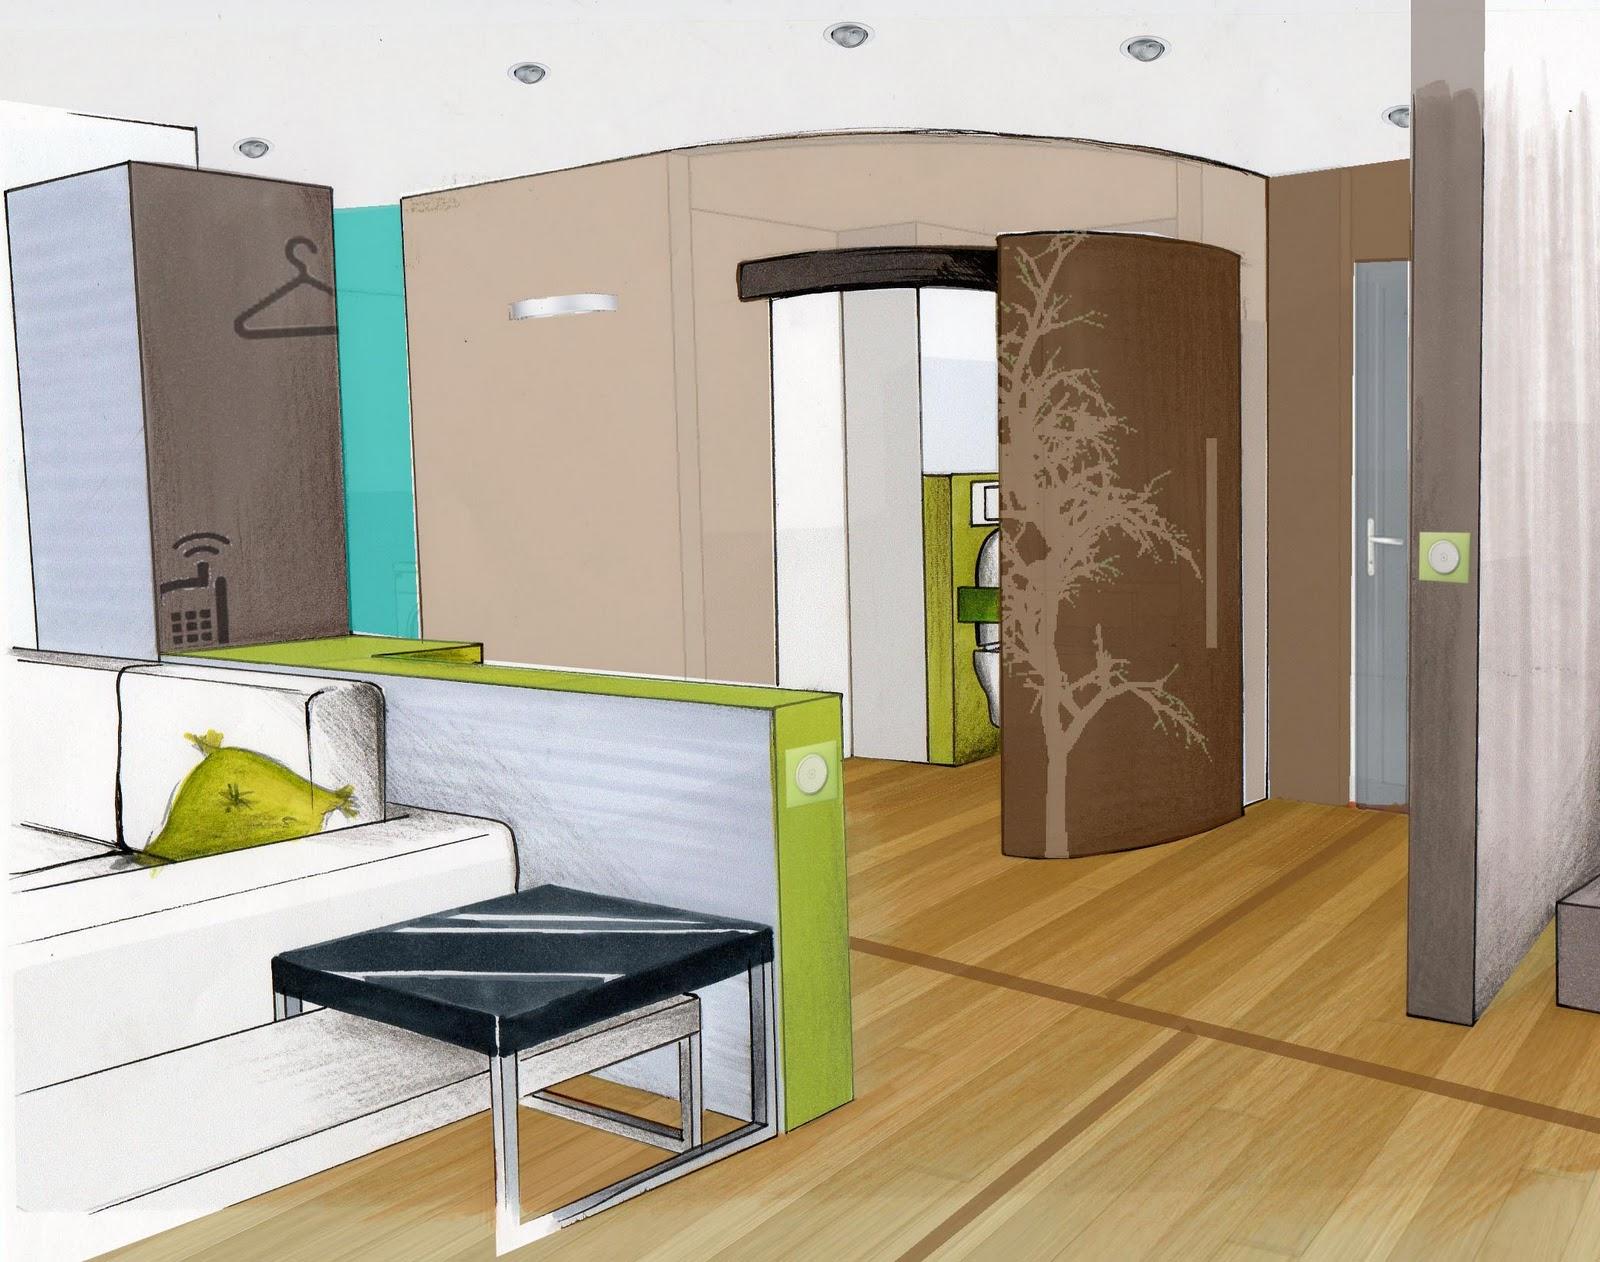 Imaginer Cr Er Architecture Int Rieure Un Appartement